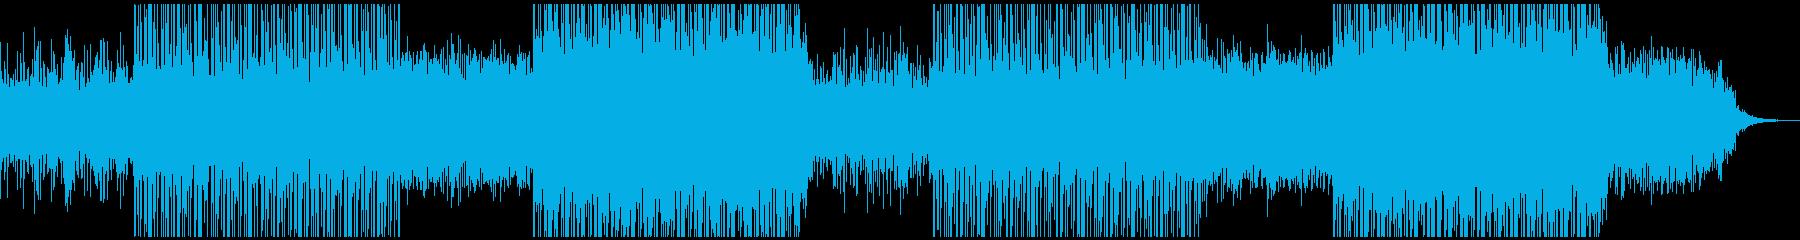 繊細で深みのある神秘的なチルアウトの再生済みの波形